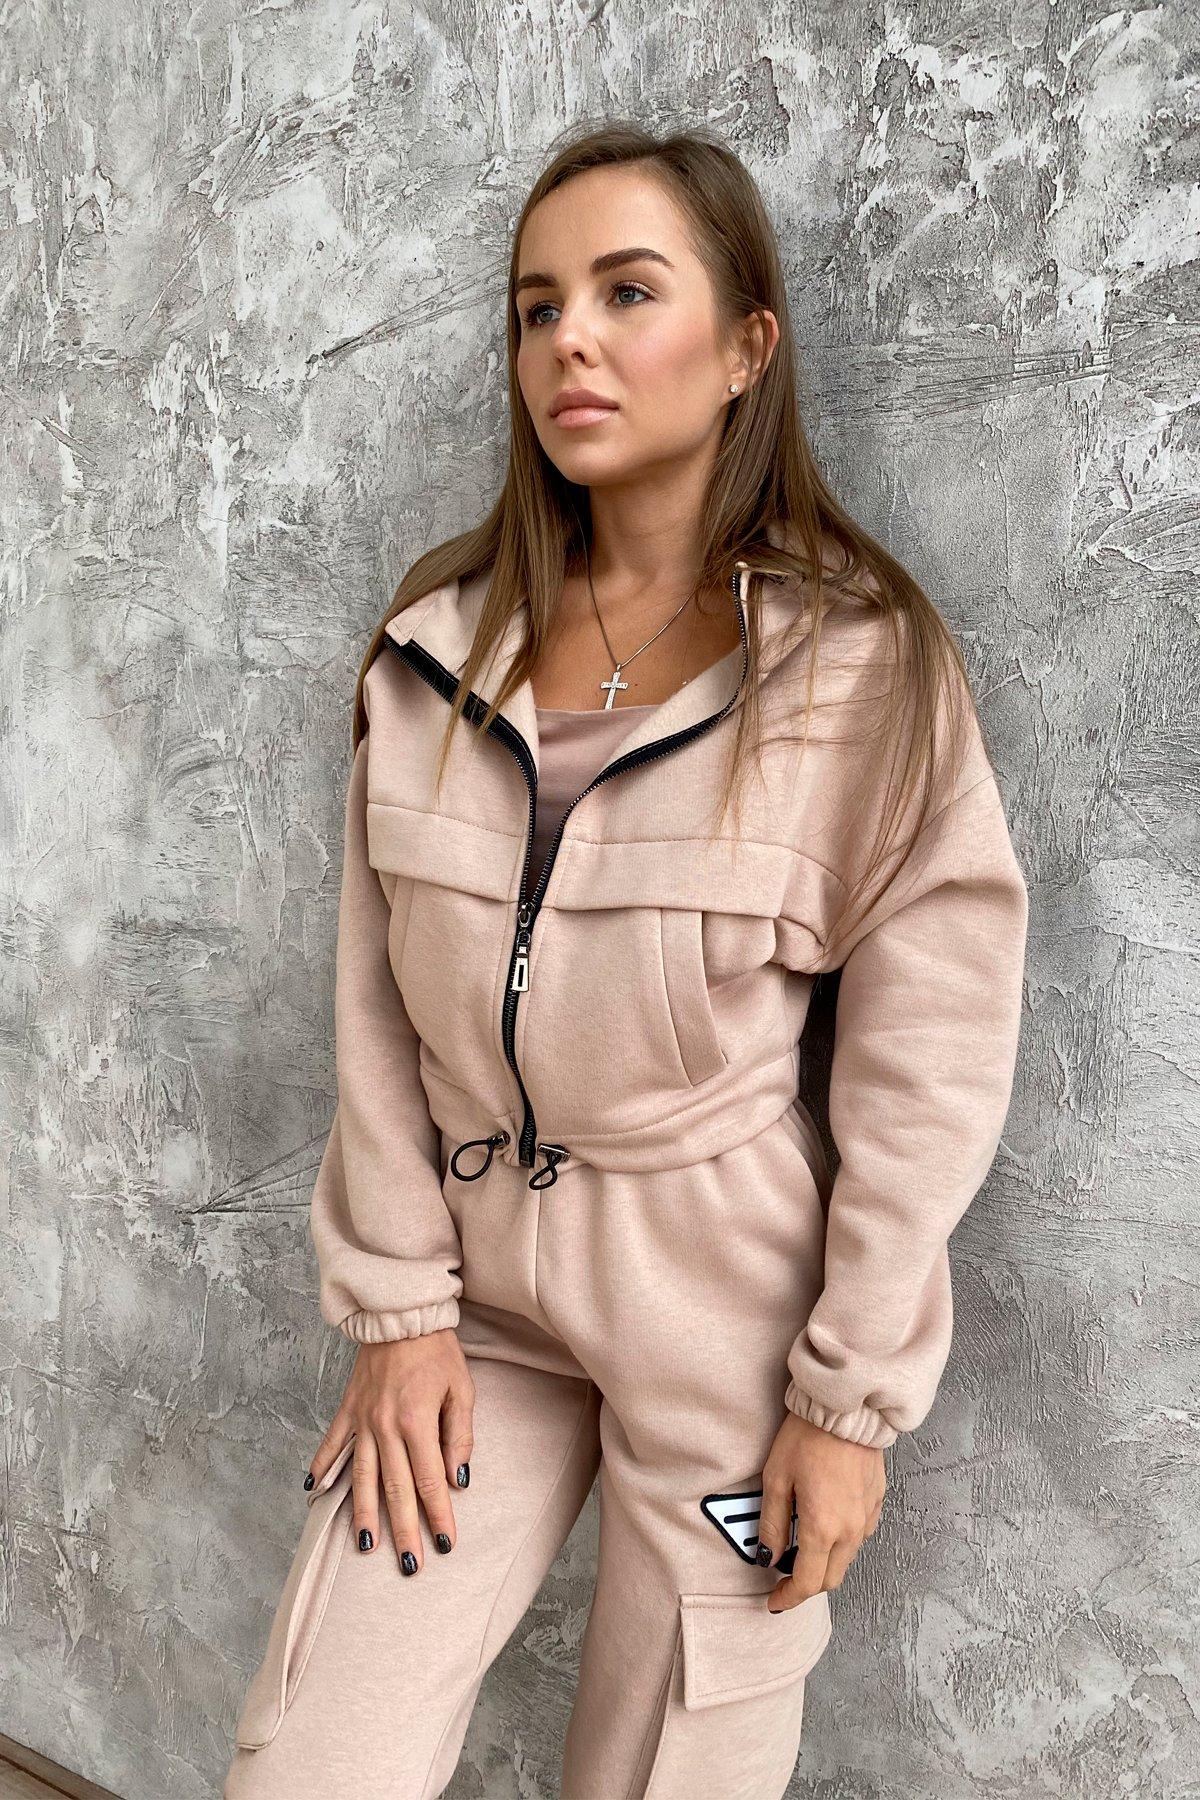 Кьюи  прогулочный костю 3х нитка с начесом 9933 АРТ. 46257 Цвет: Бежевый - фото 4, интернет магазин tm-modus.ru